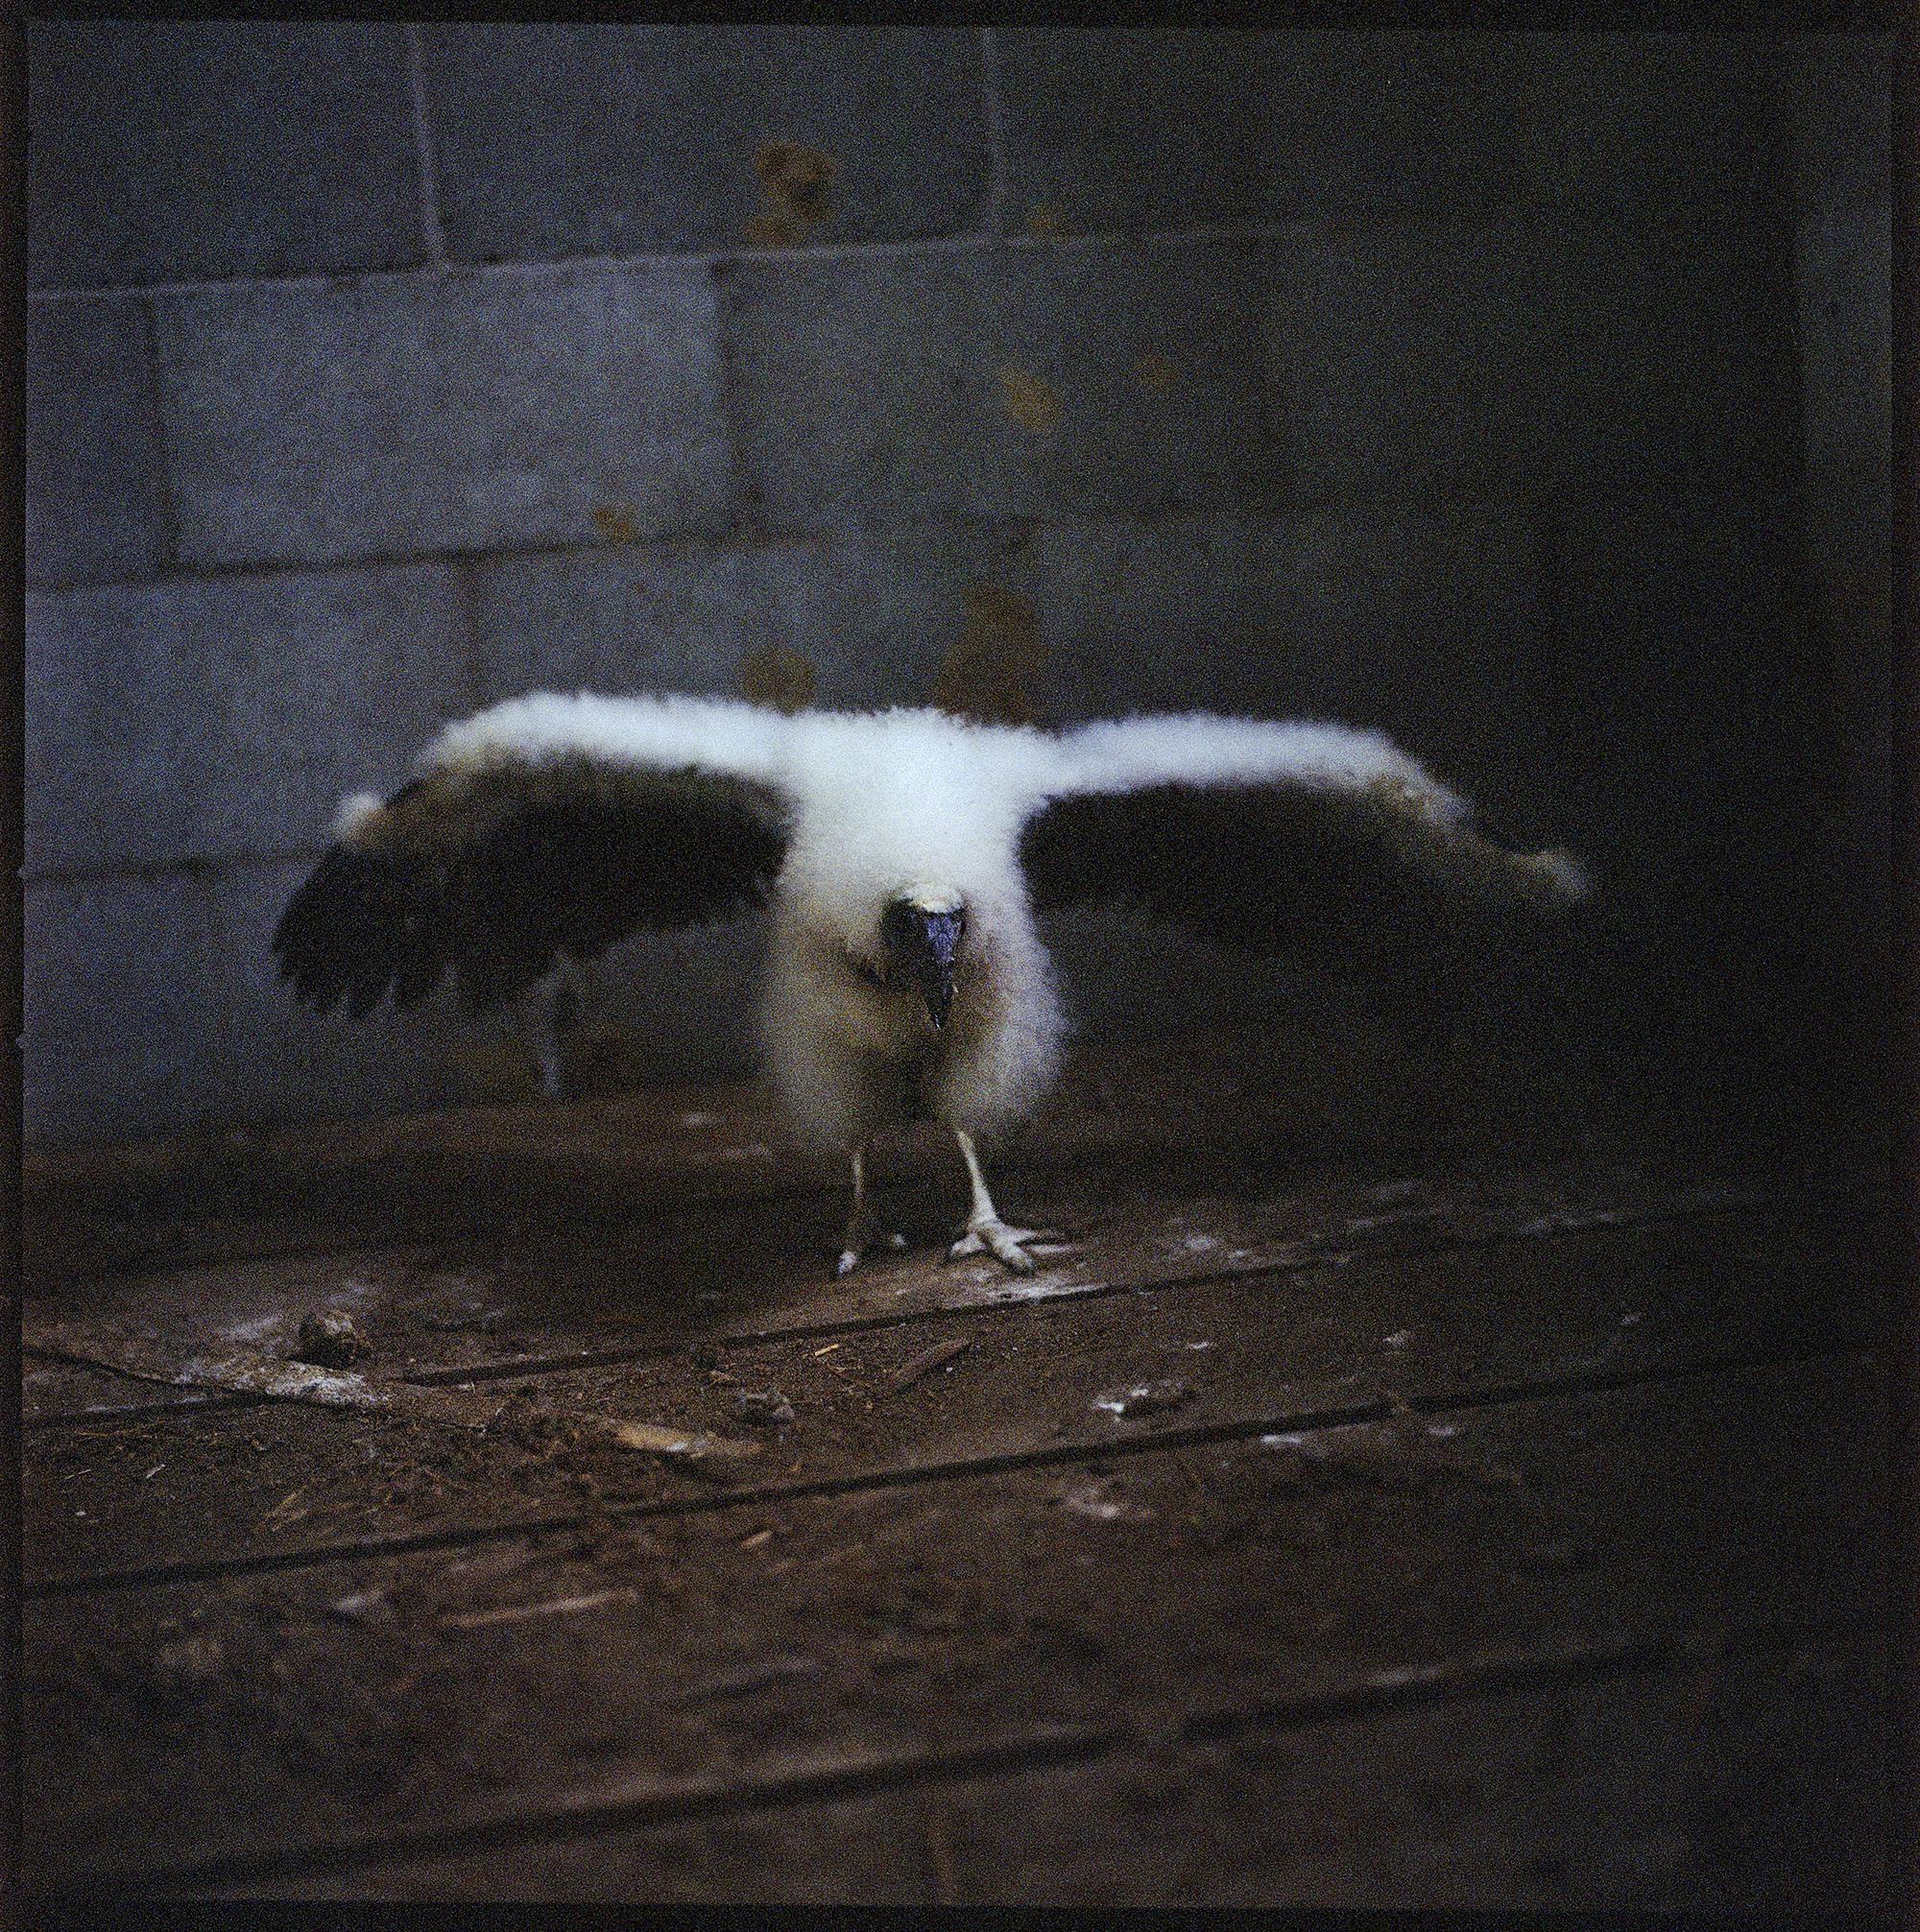 Turkey vulture chick